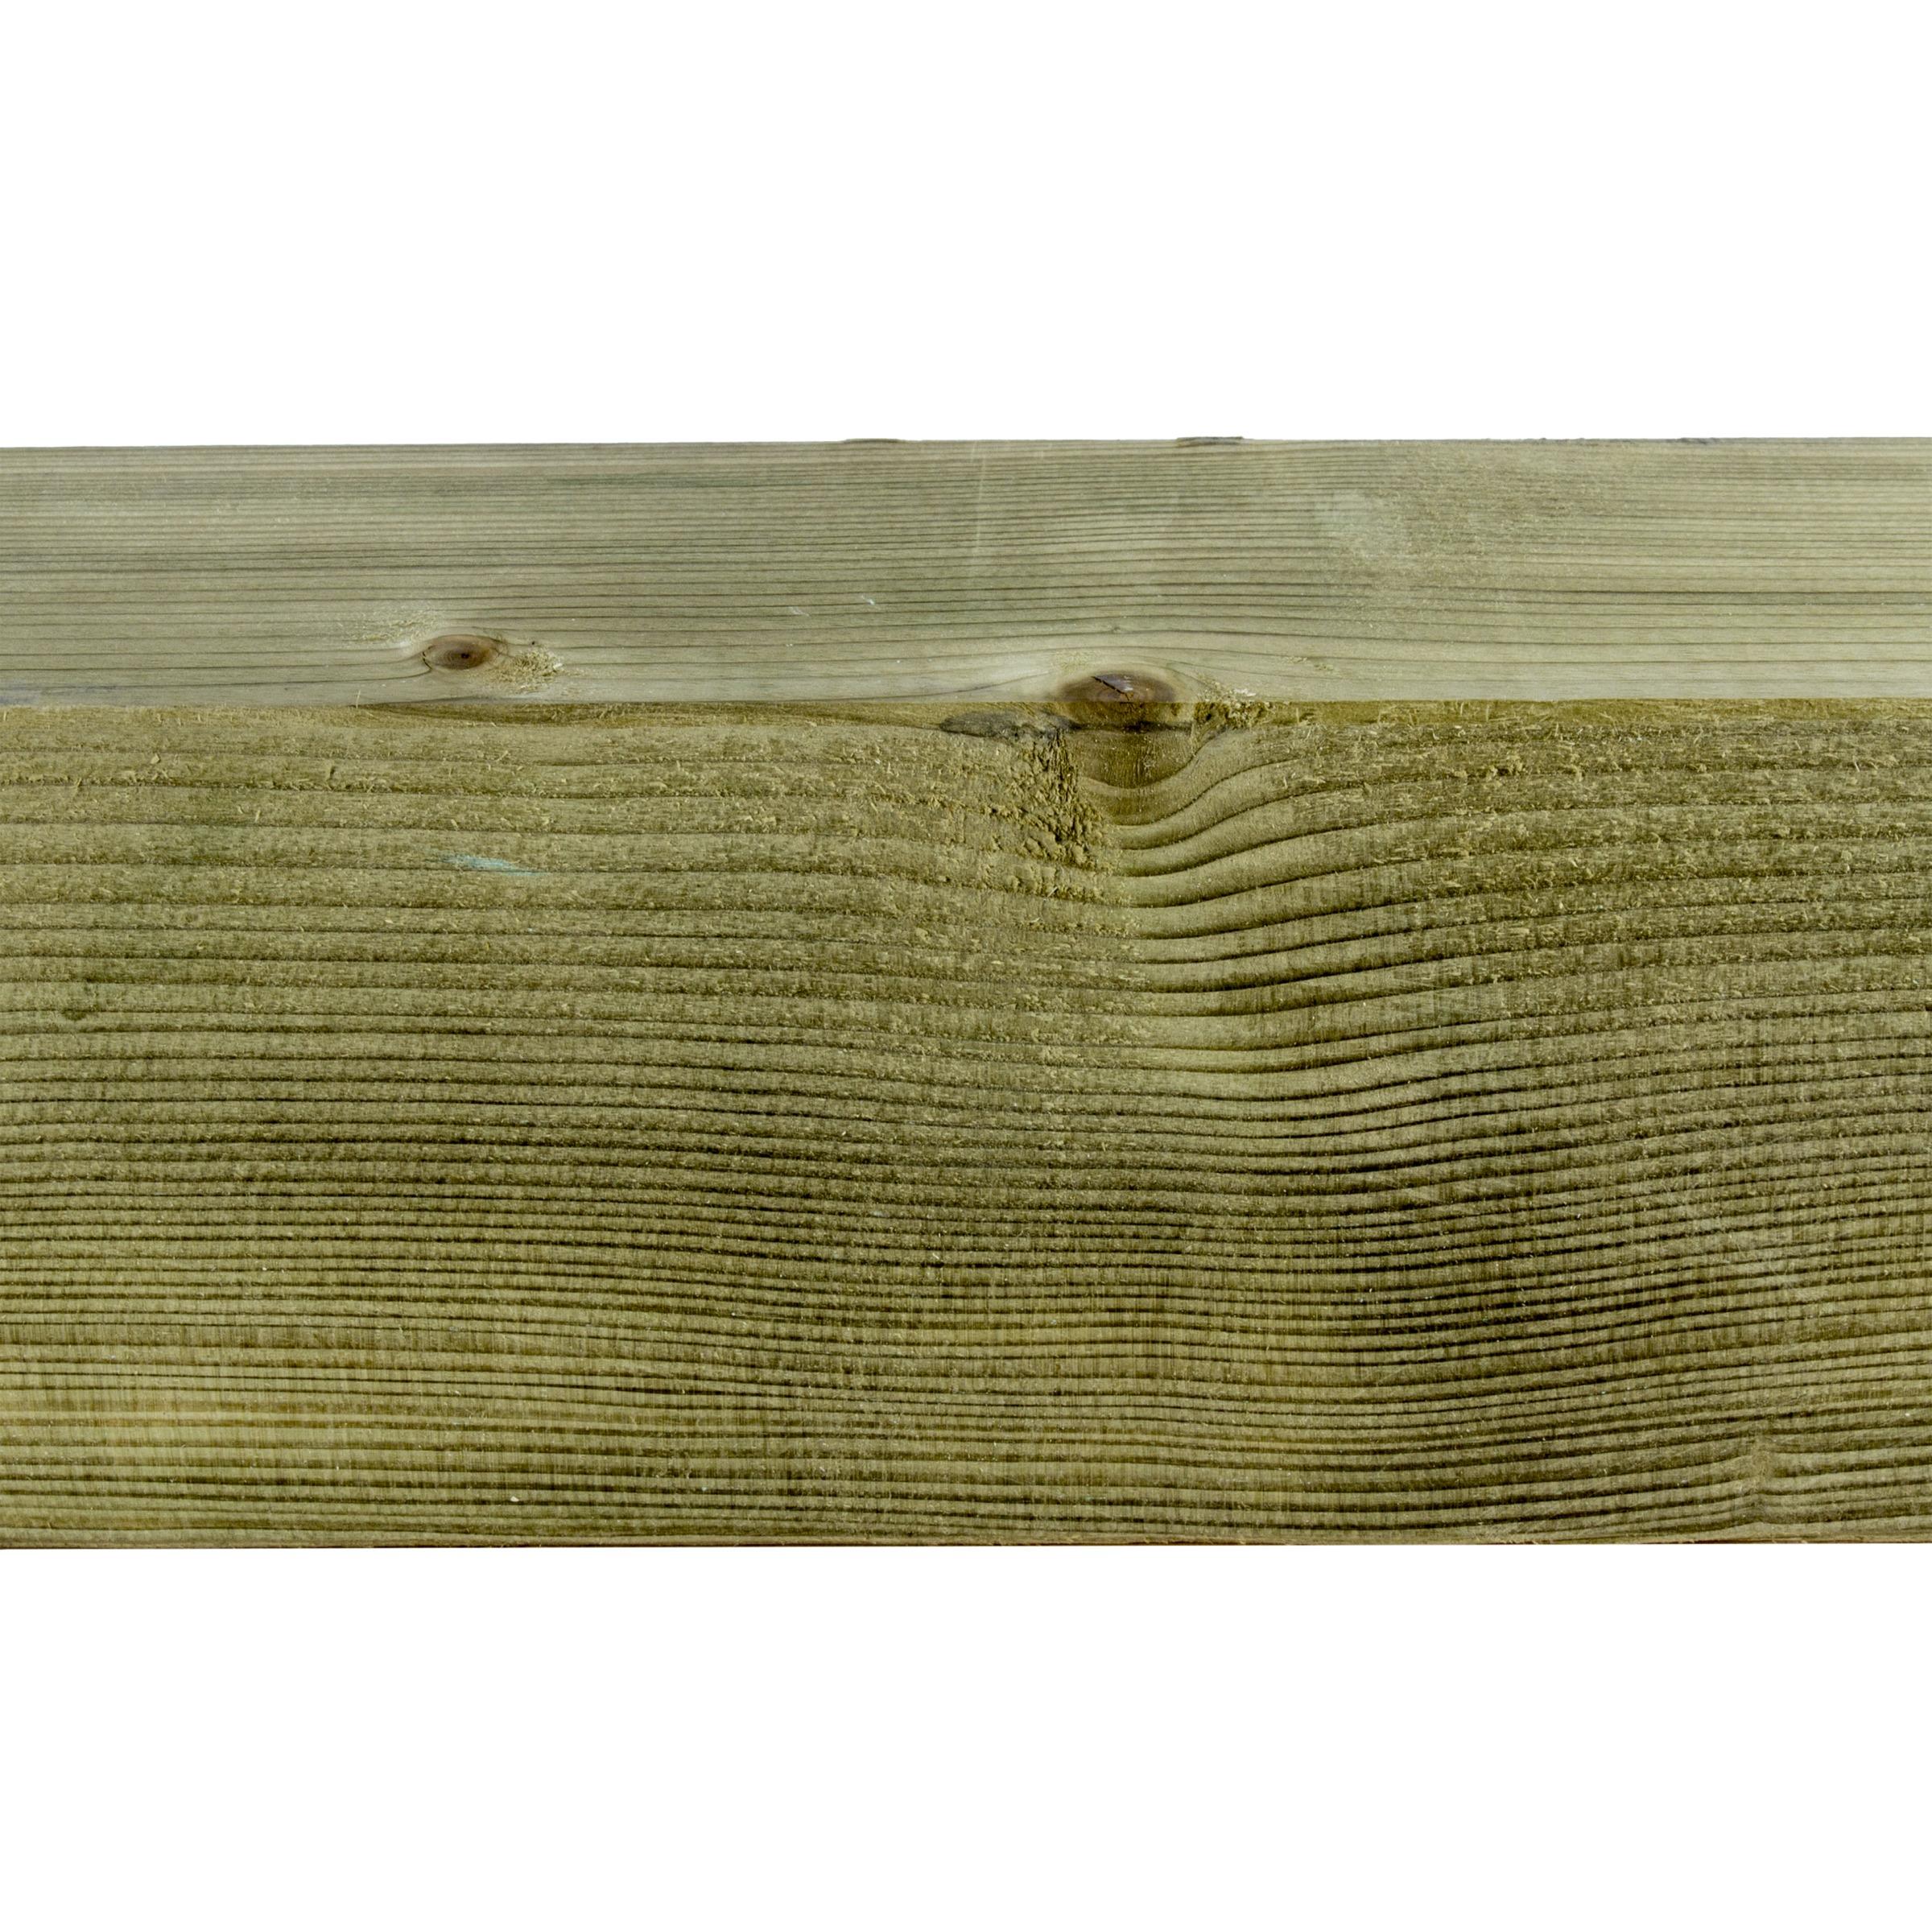 Steunpaal vuren ca. 12x12 cm, lengte 300 cm